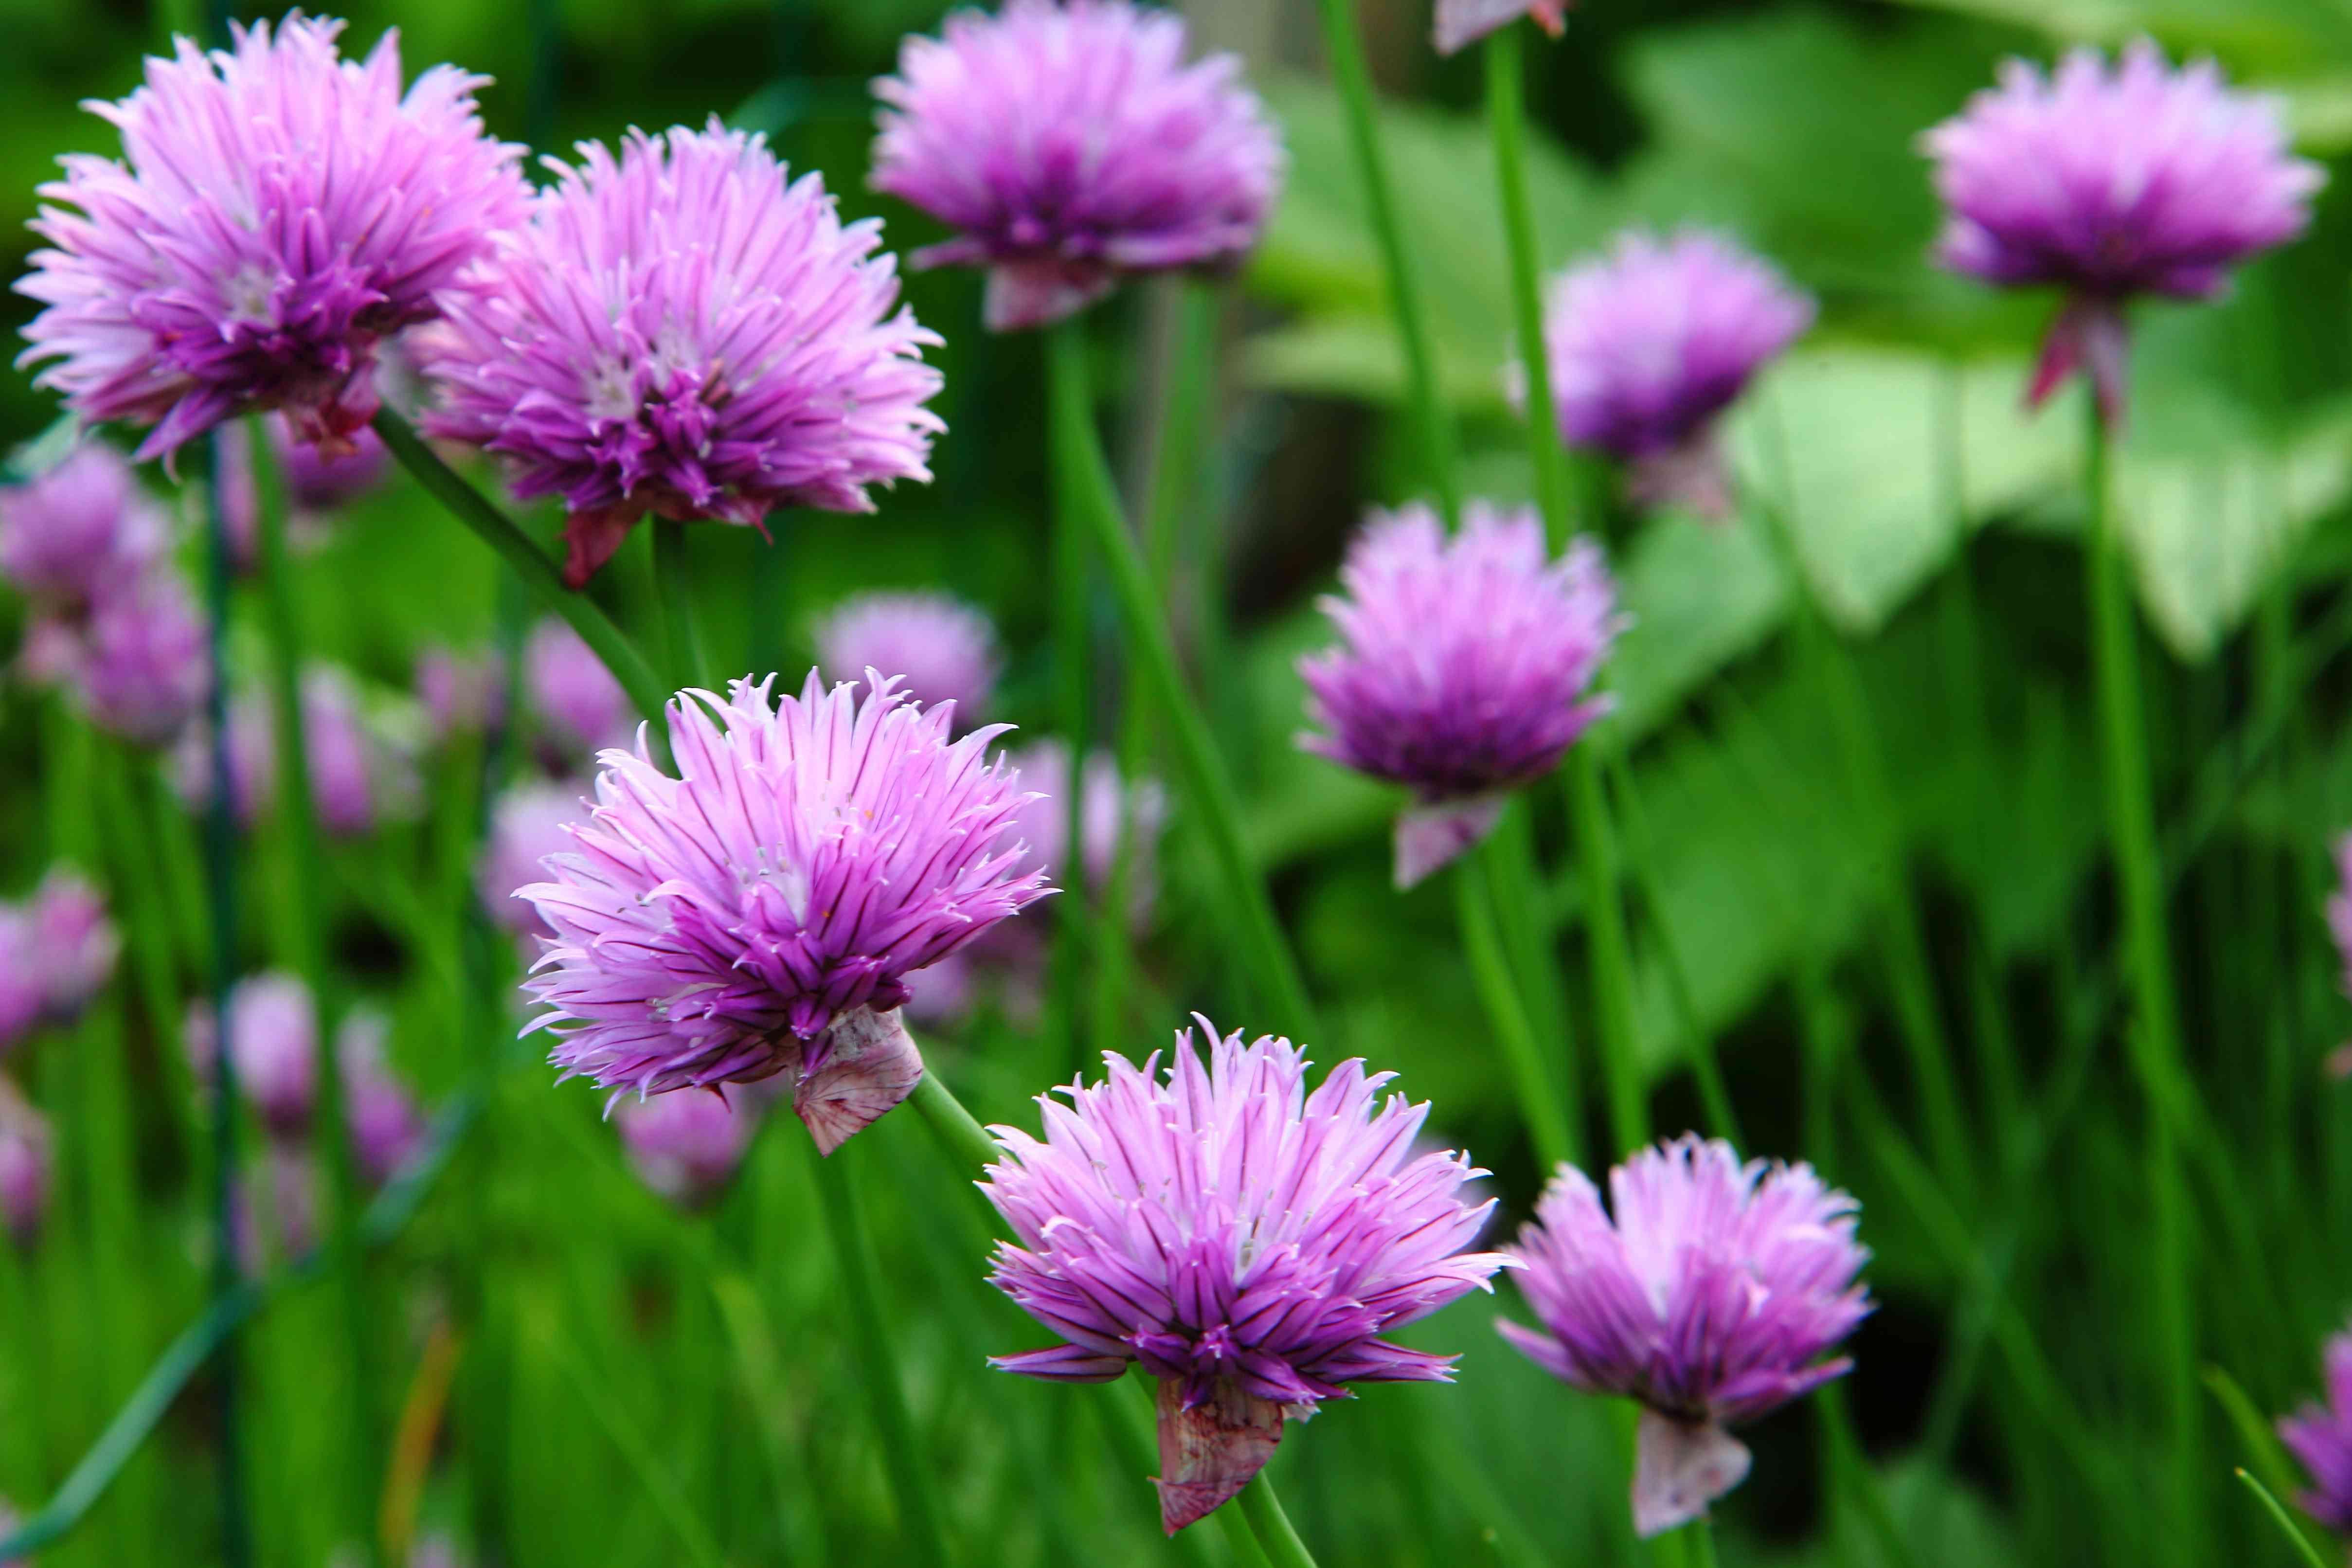 Chive flower macro